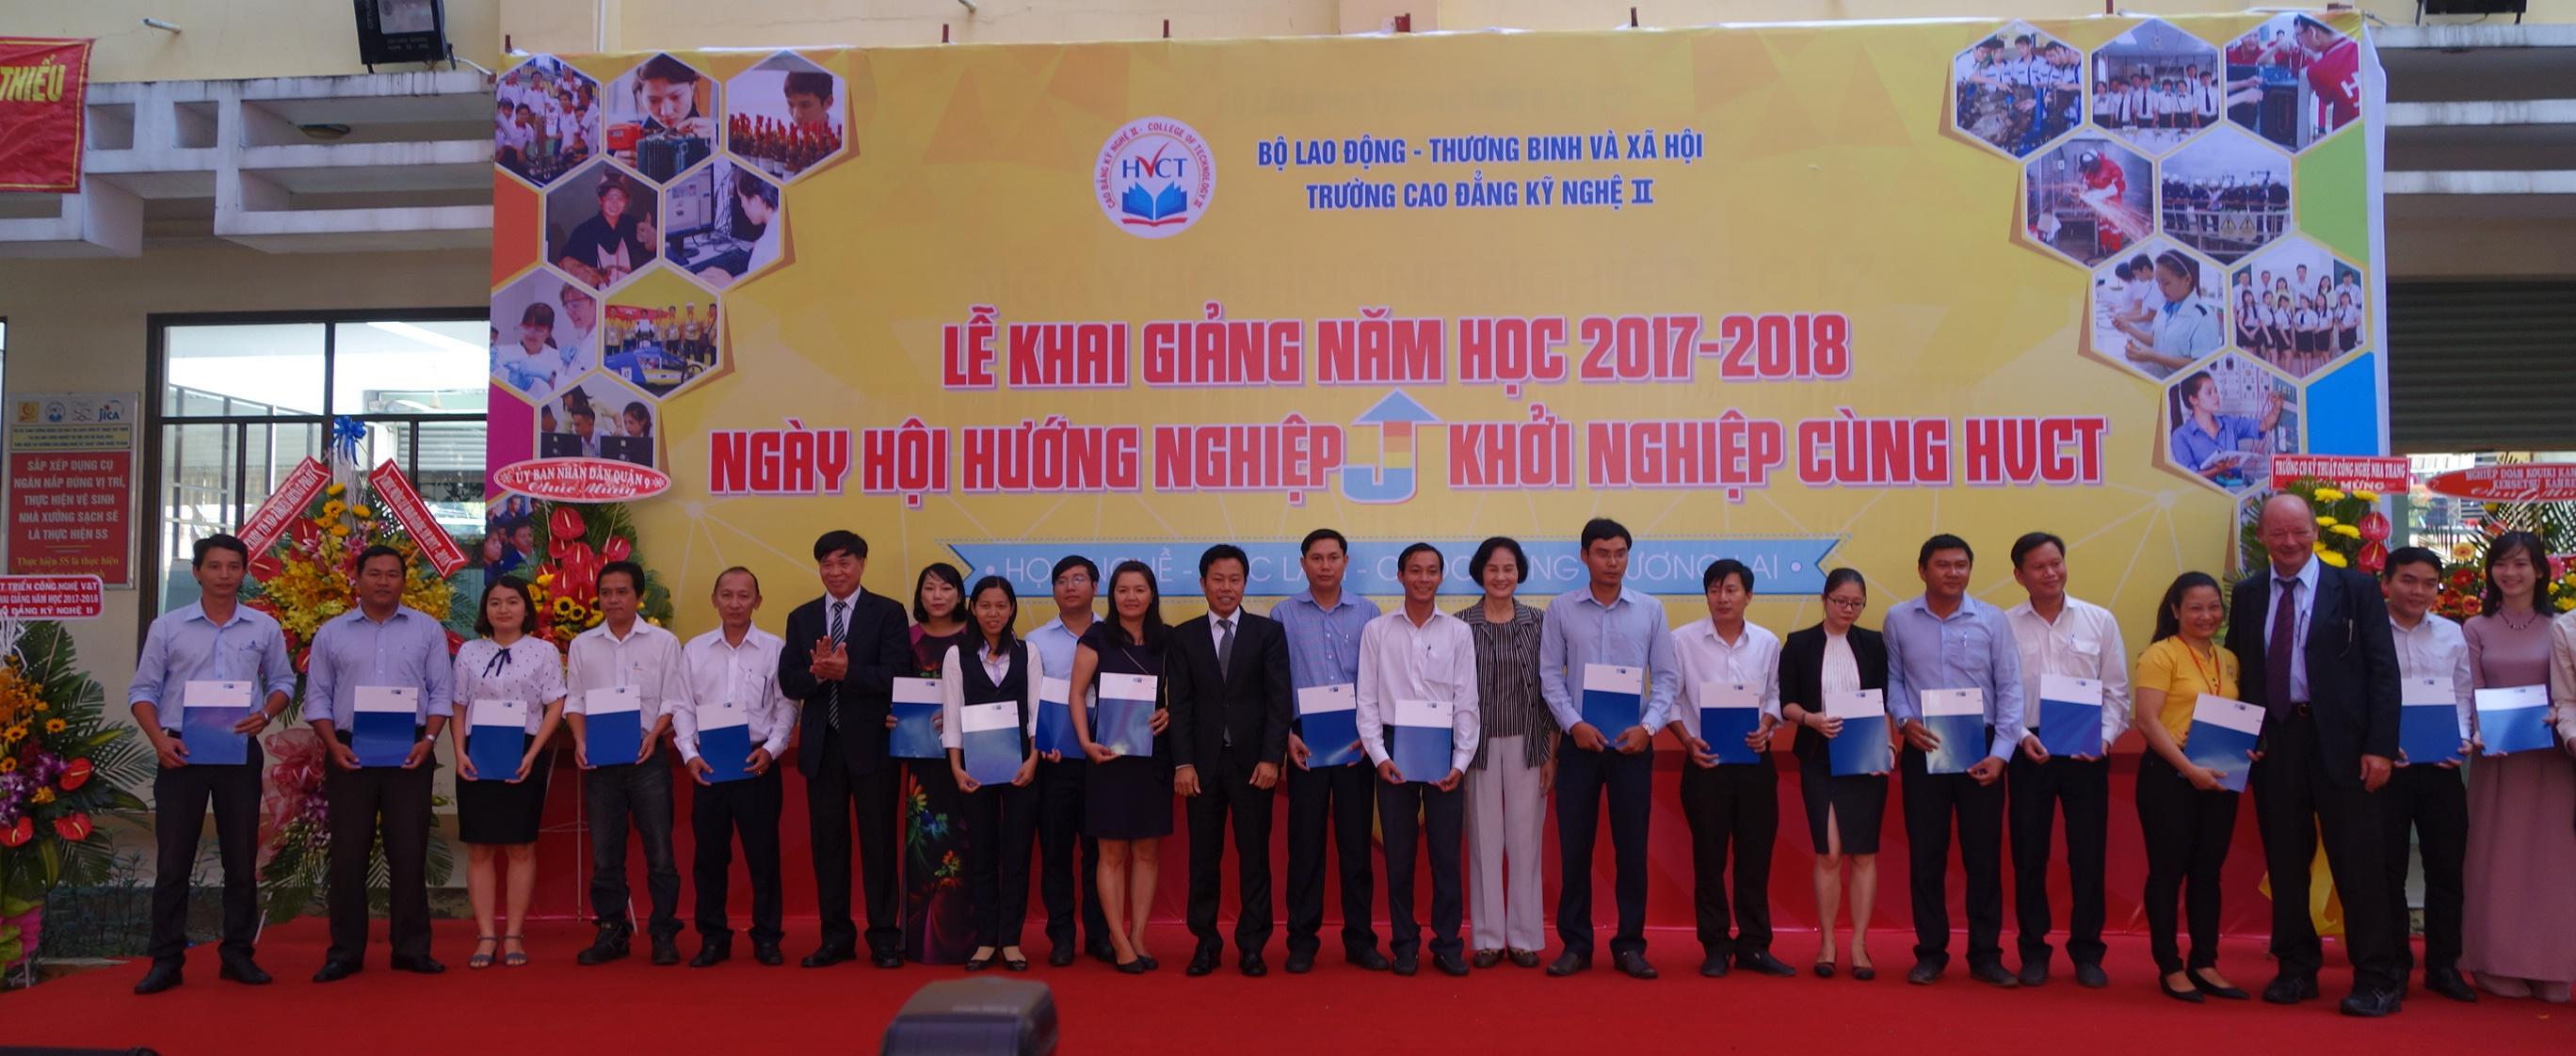 23 Vietnamese get certificate of equivalence of German sewerage engineering